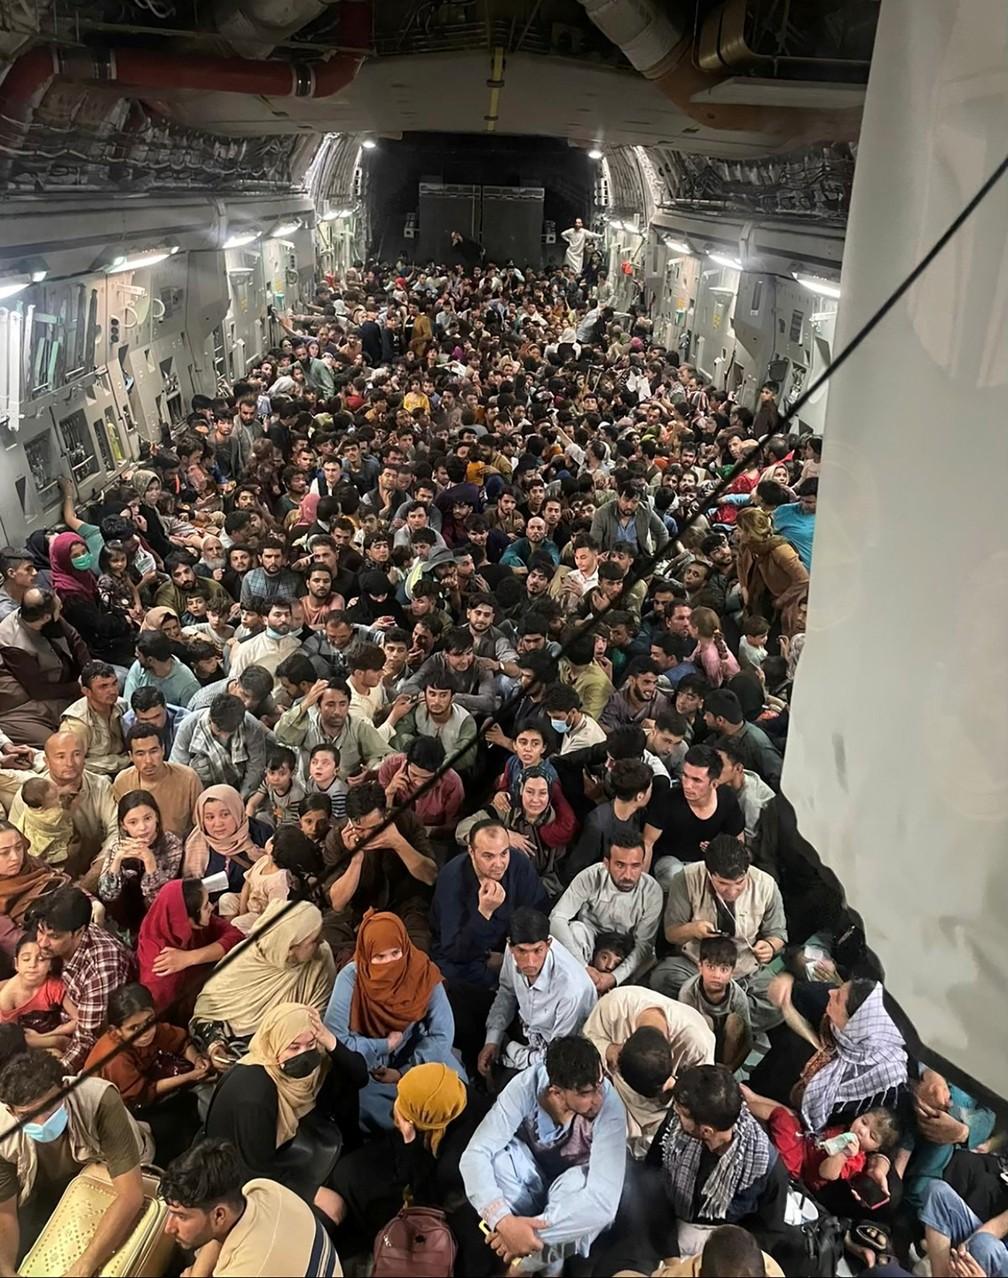 Avião militar dos EUA decola com cerca de 640 afegãos do aeroporto de Cabul, no Afeganistão. Foto do dia 15 de agosto de 2021 — Foto: Defense One/cortesia via Reuters